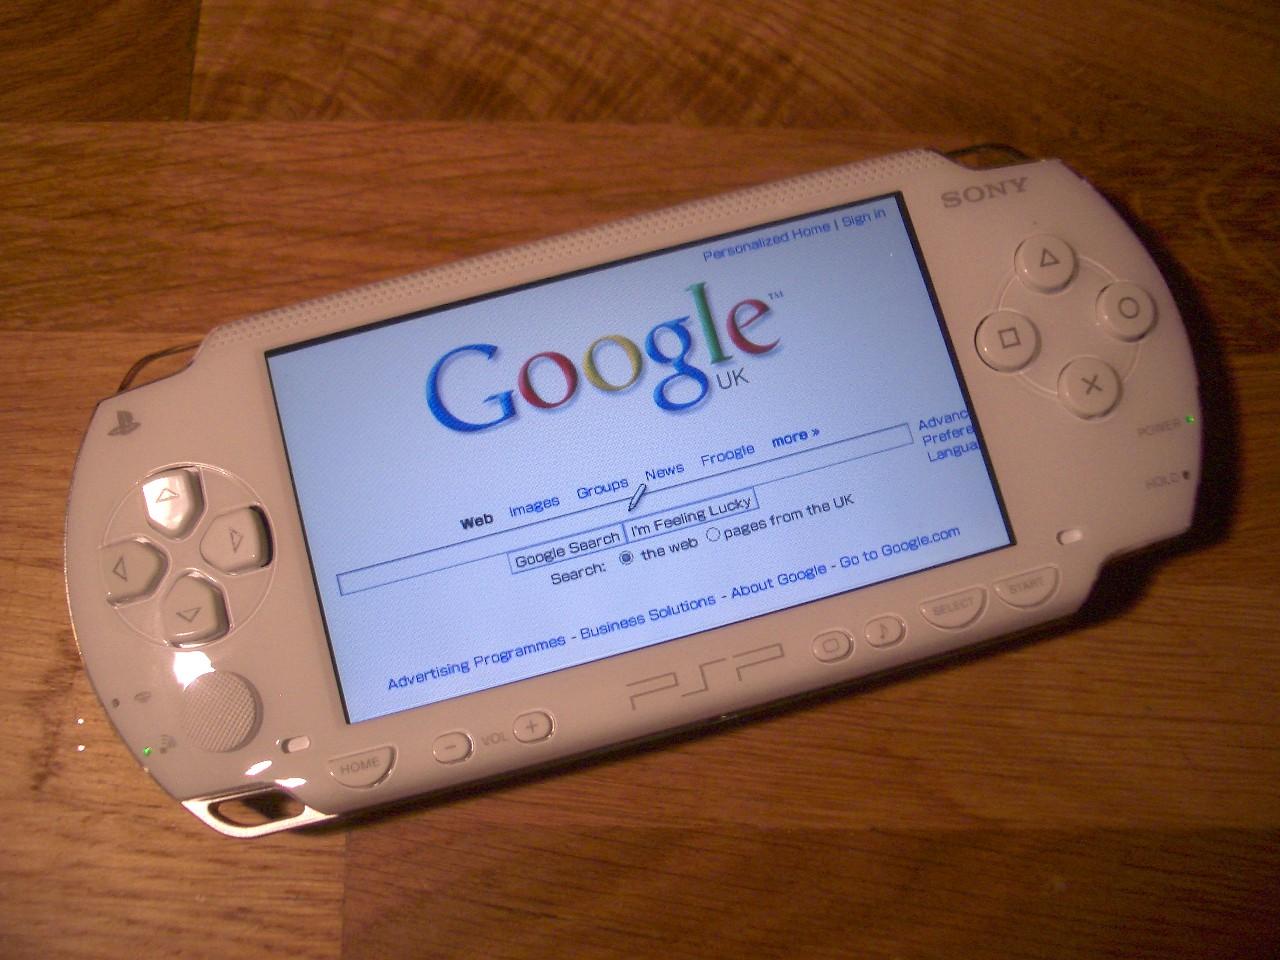 Мишка и его PSP (фотографировать я не стал, так что картинка выше - просто для иллюстрации) - живой пример того, как однобоко взрослые понимают компьютерные игры. Это для нас игрушки - всего всего лишь способ убить время. Для ребёнка игра служит проводником в мир высоких технологий. Оттолкнувшись от необходимости запустить новую игру на старом железе, он самостоятельно, мимоходом освоит все вспомогательные инструменты и концепции, которые потребуются для этого (фото: Dan Taylor).